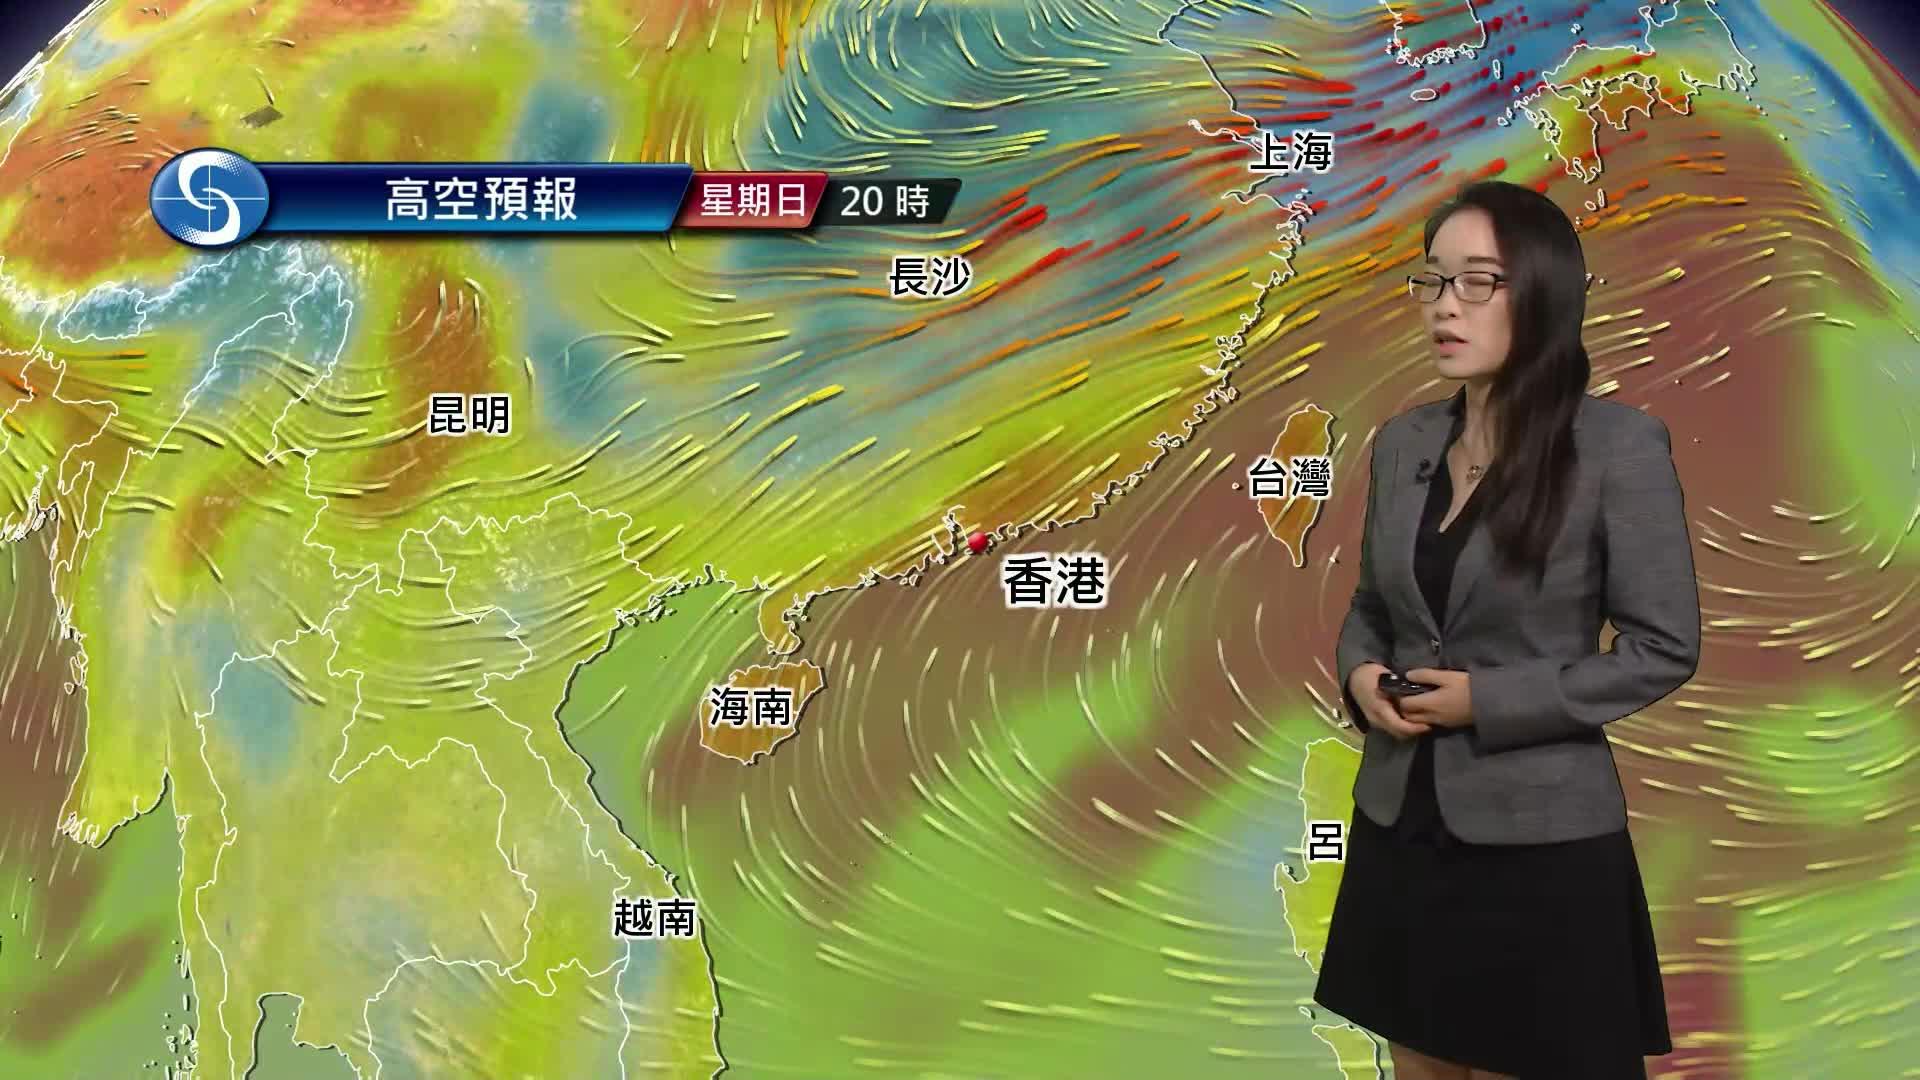 黃昏天氣節目(05月14日下午6時) - 科學主任吳彥琳